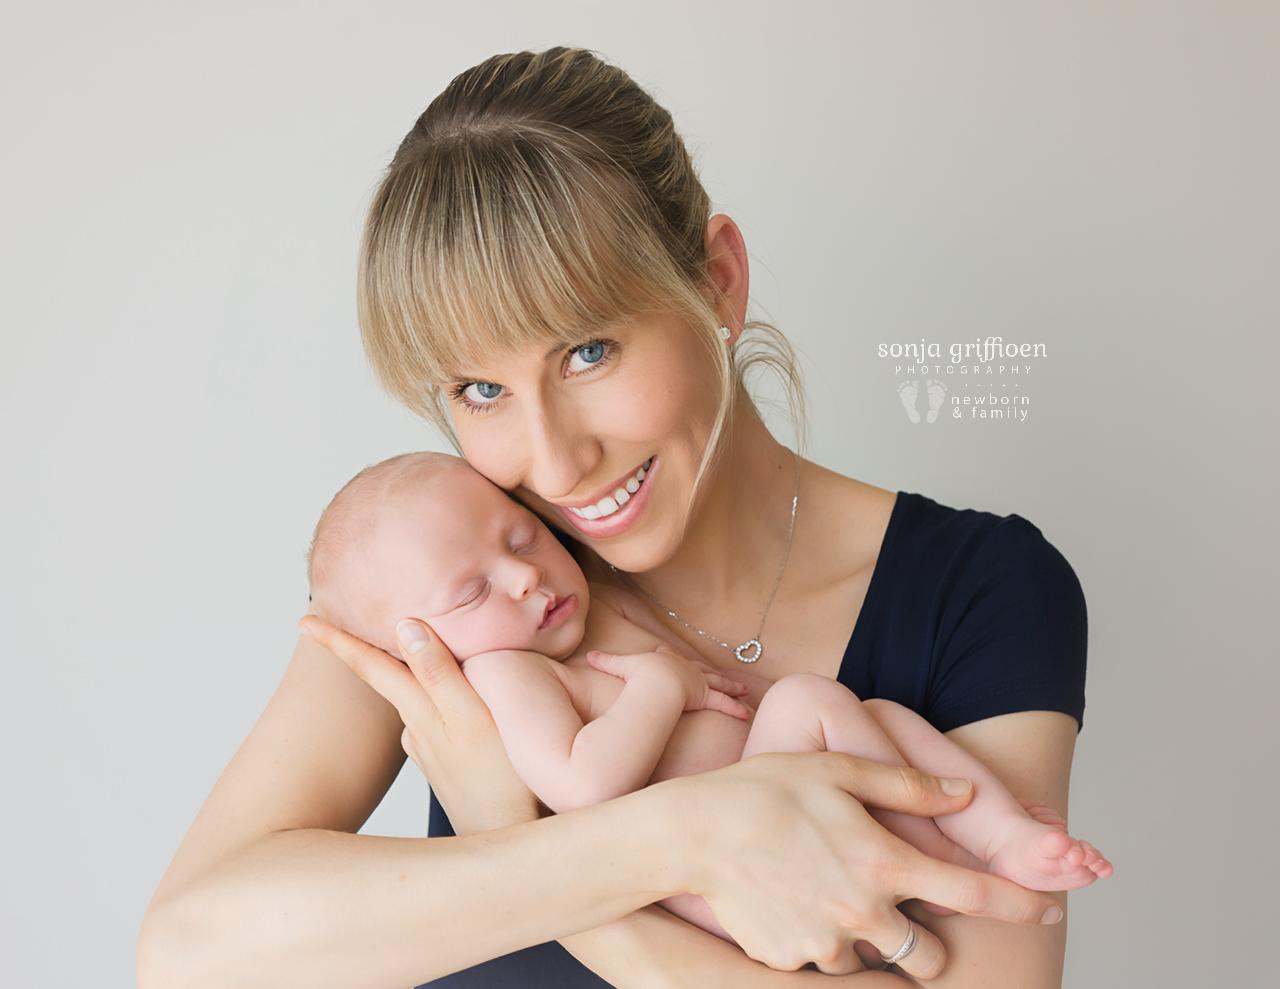 Sienna-Newborn-Brisbane-Newborn-Photographer-Sonja-Griffioen-02.jpg